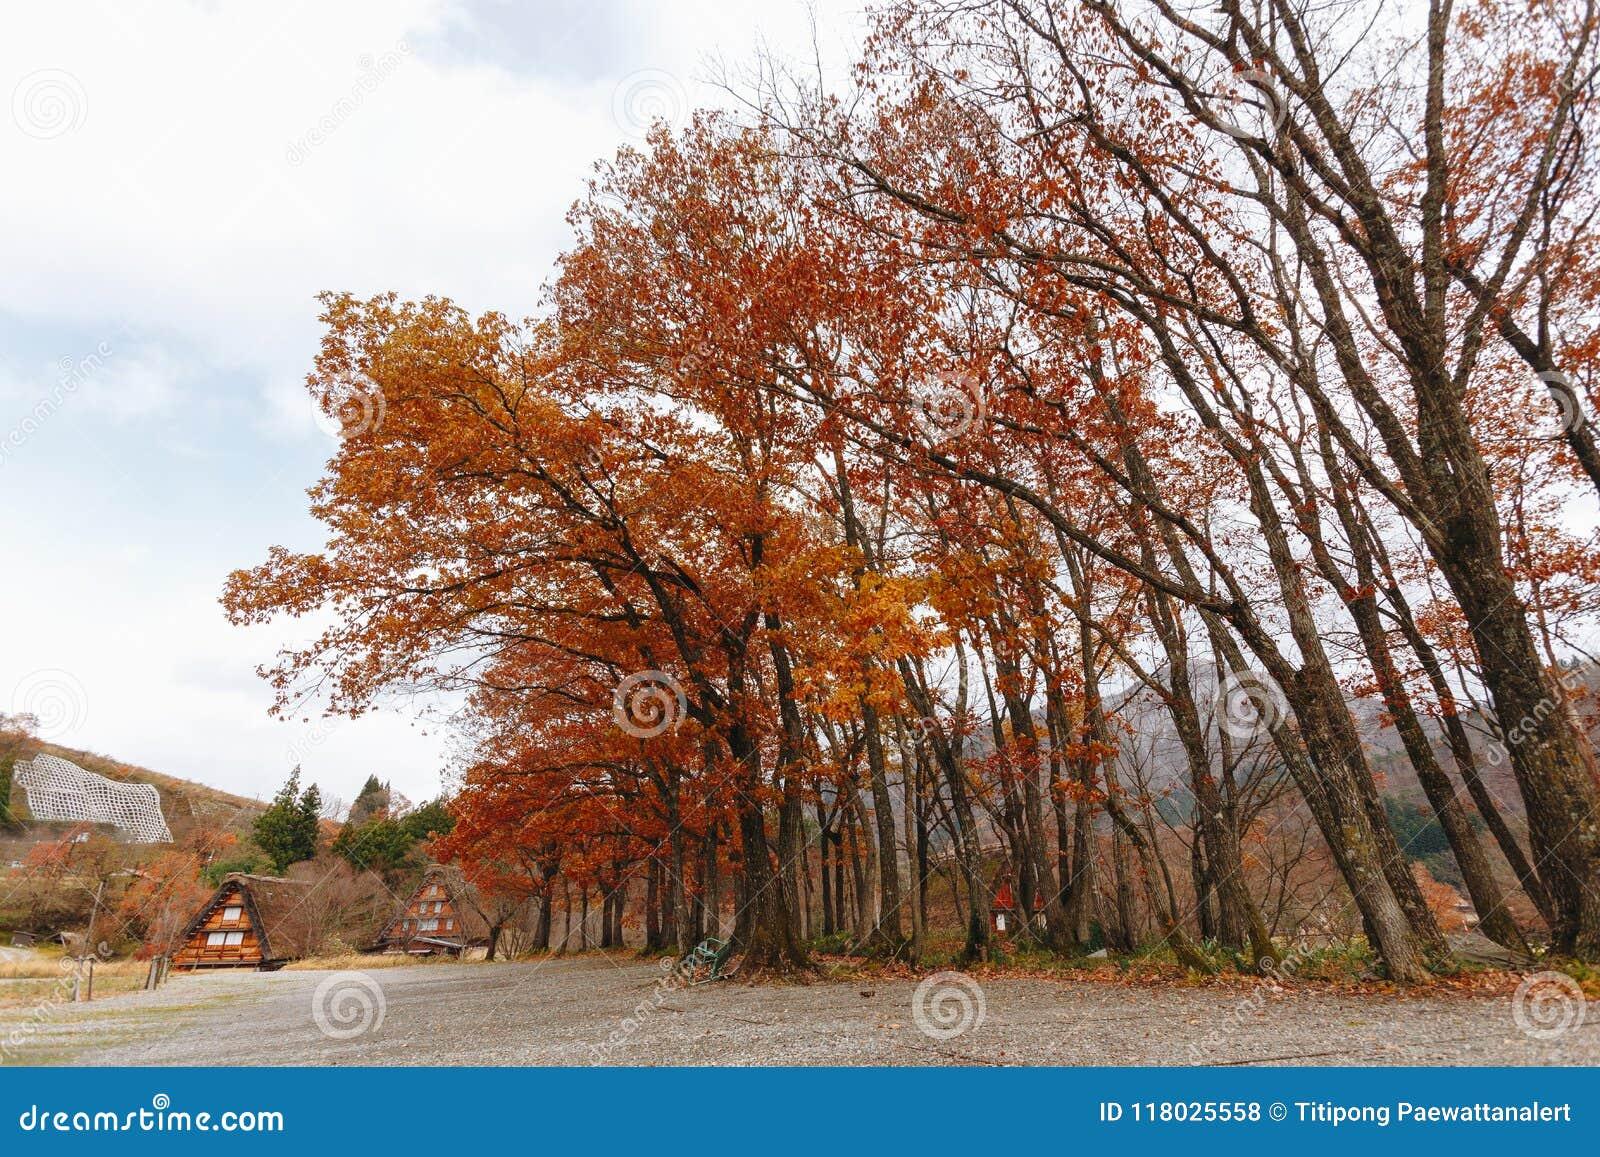 Shirakawa wioska w późny listopad jesieni zima sezon